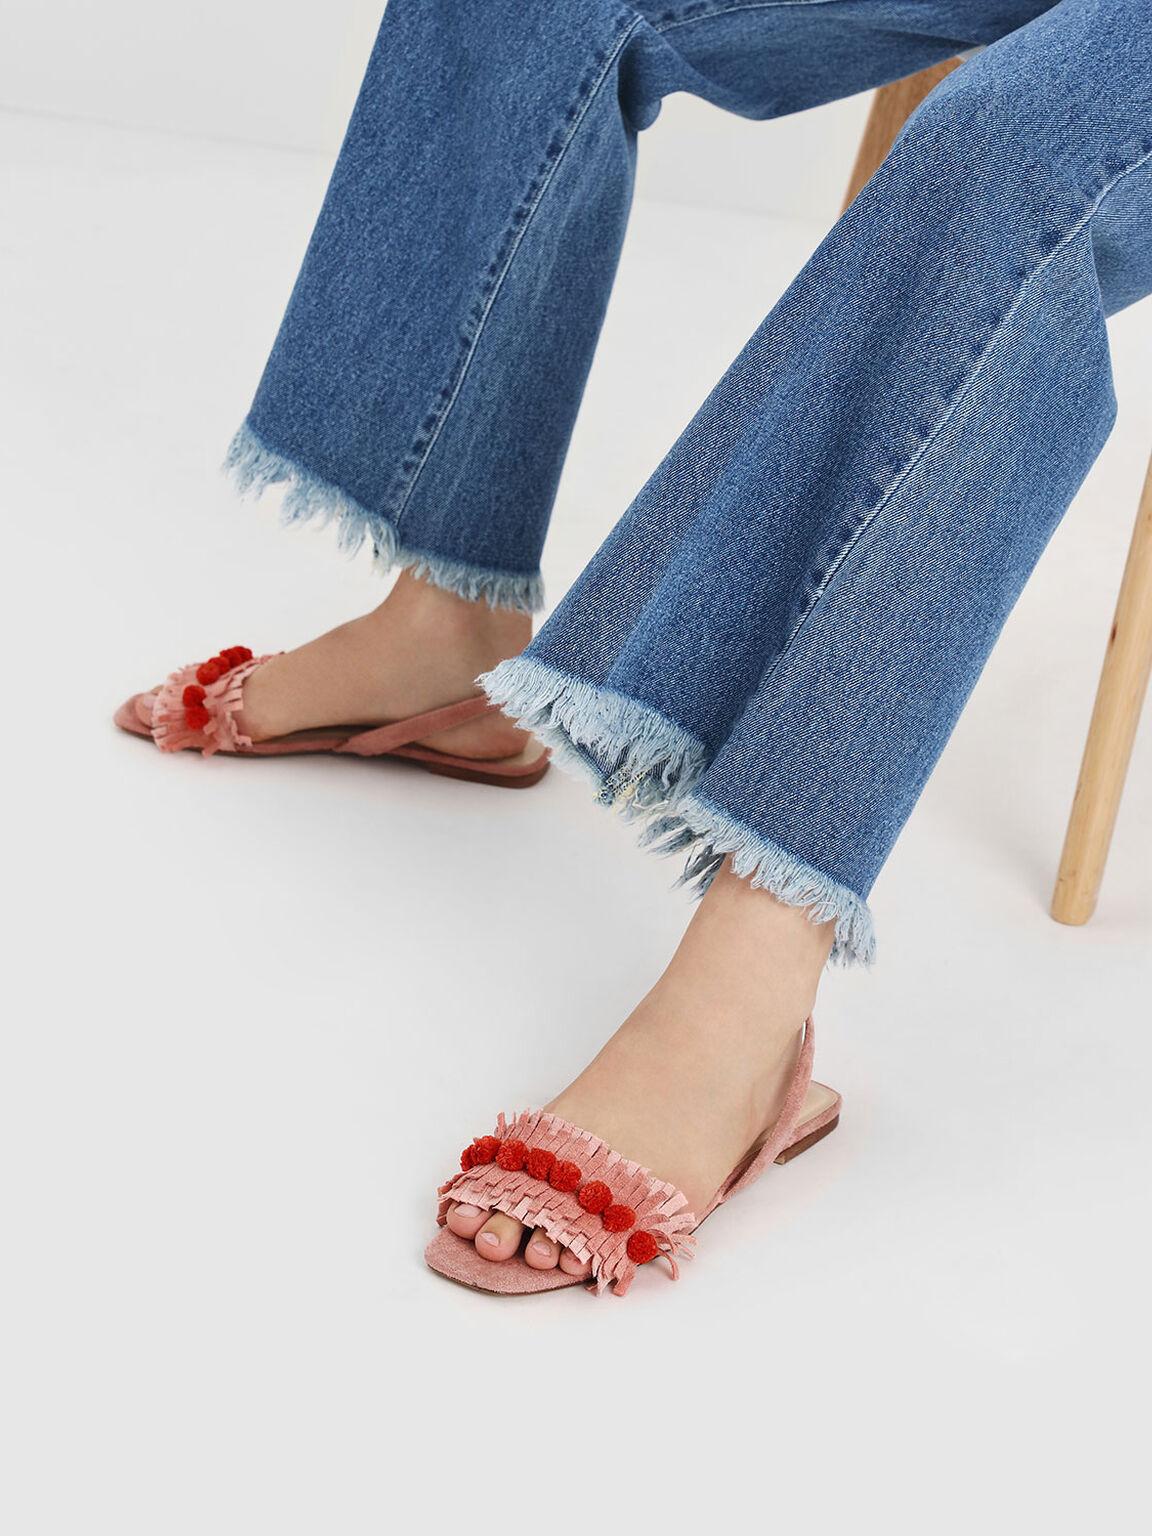 Fringed Pom Pom Sandals, Coral Pink, hi-res